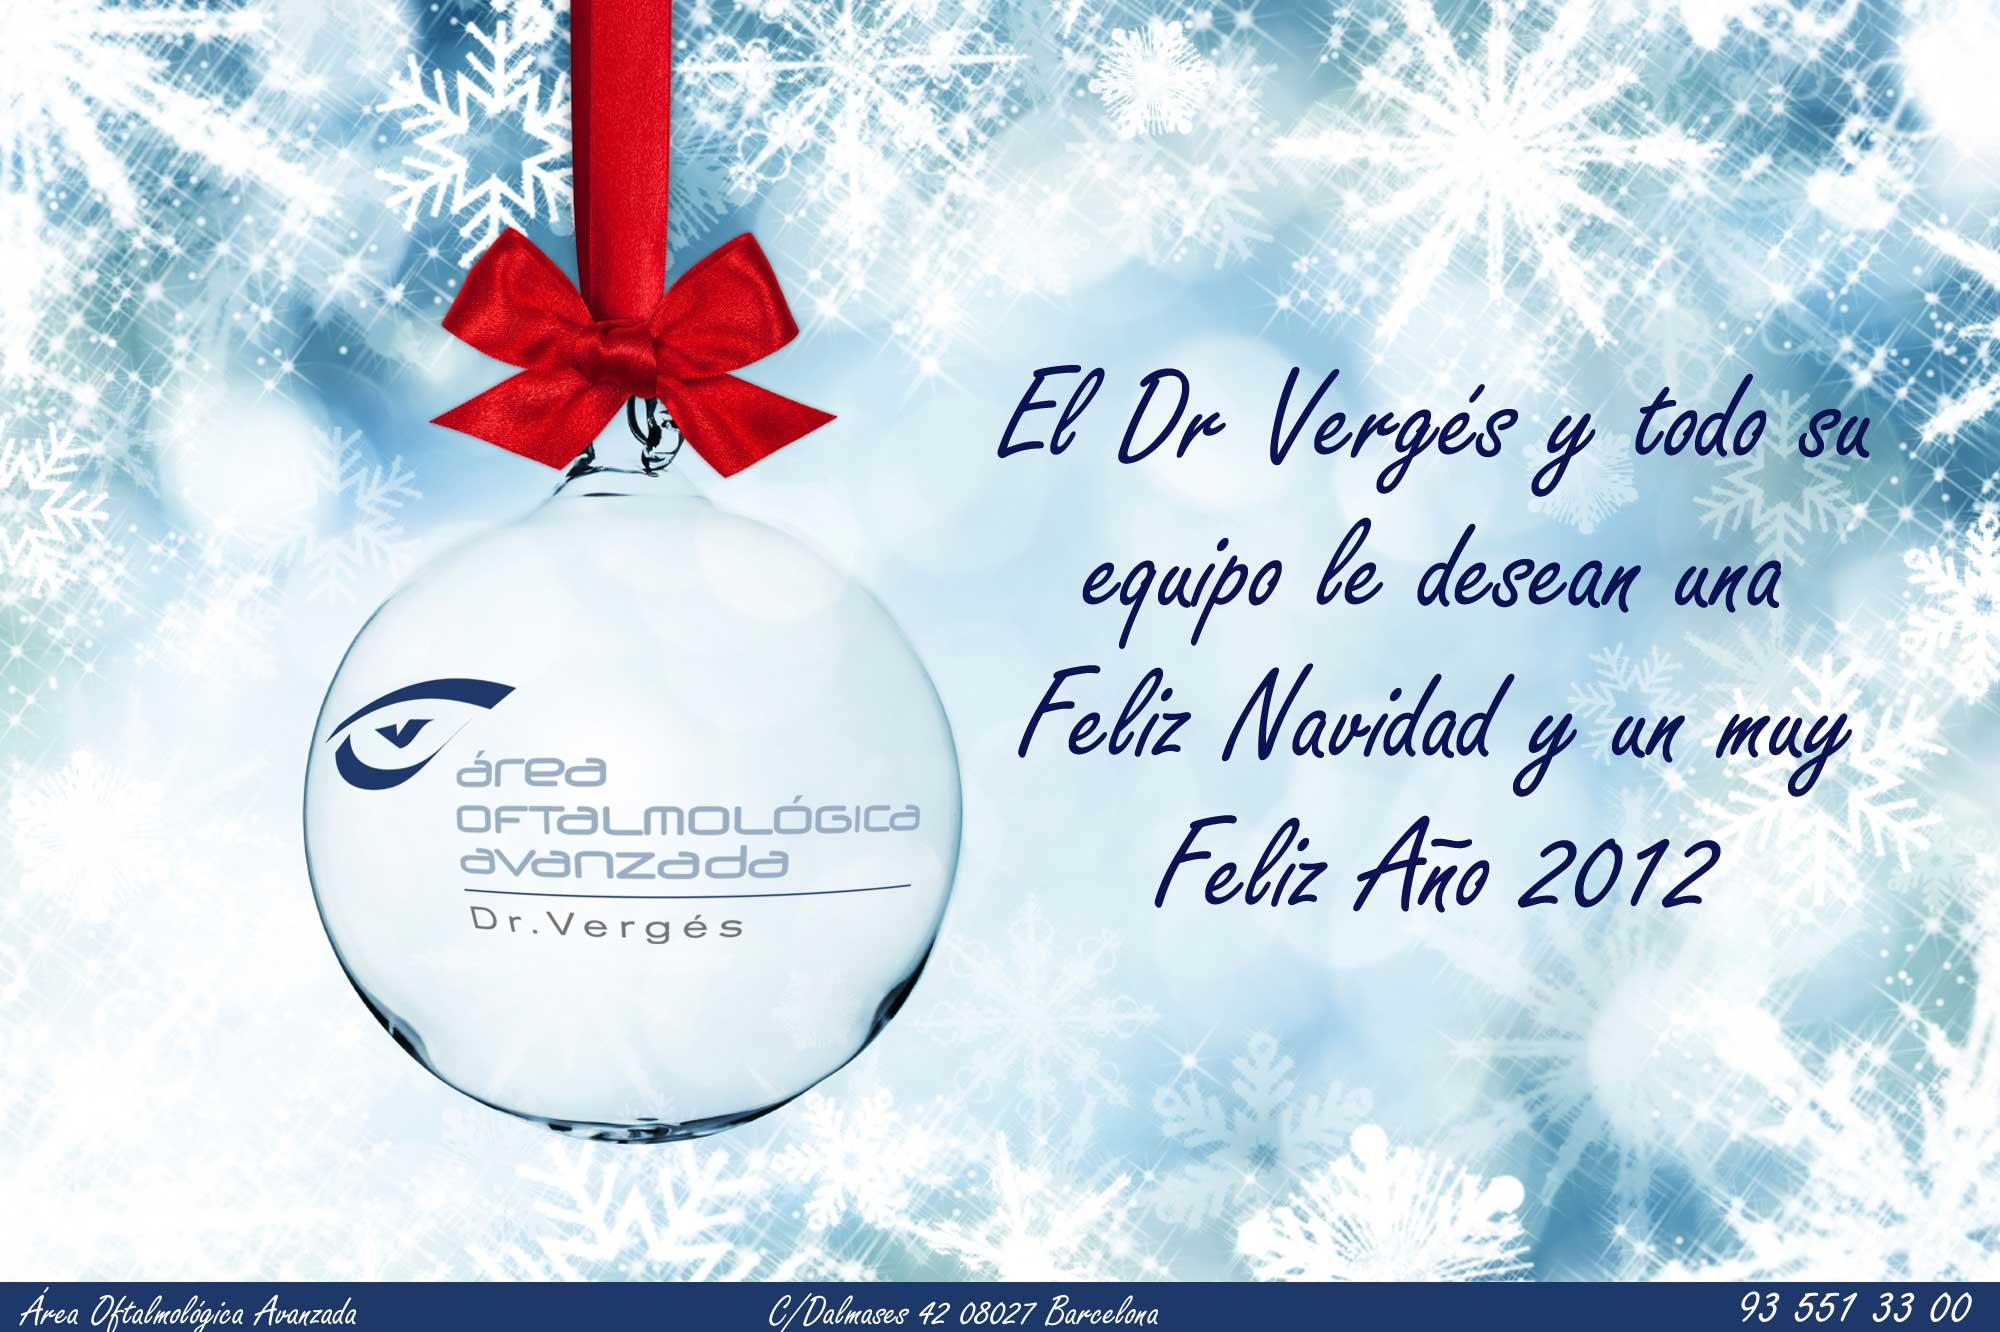 El Dr. Vergés y todo su equipo le desean una  Feliz Navidad y un muy Feliz Año 2012